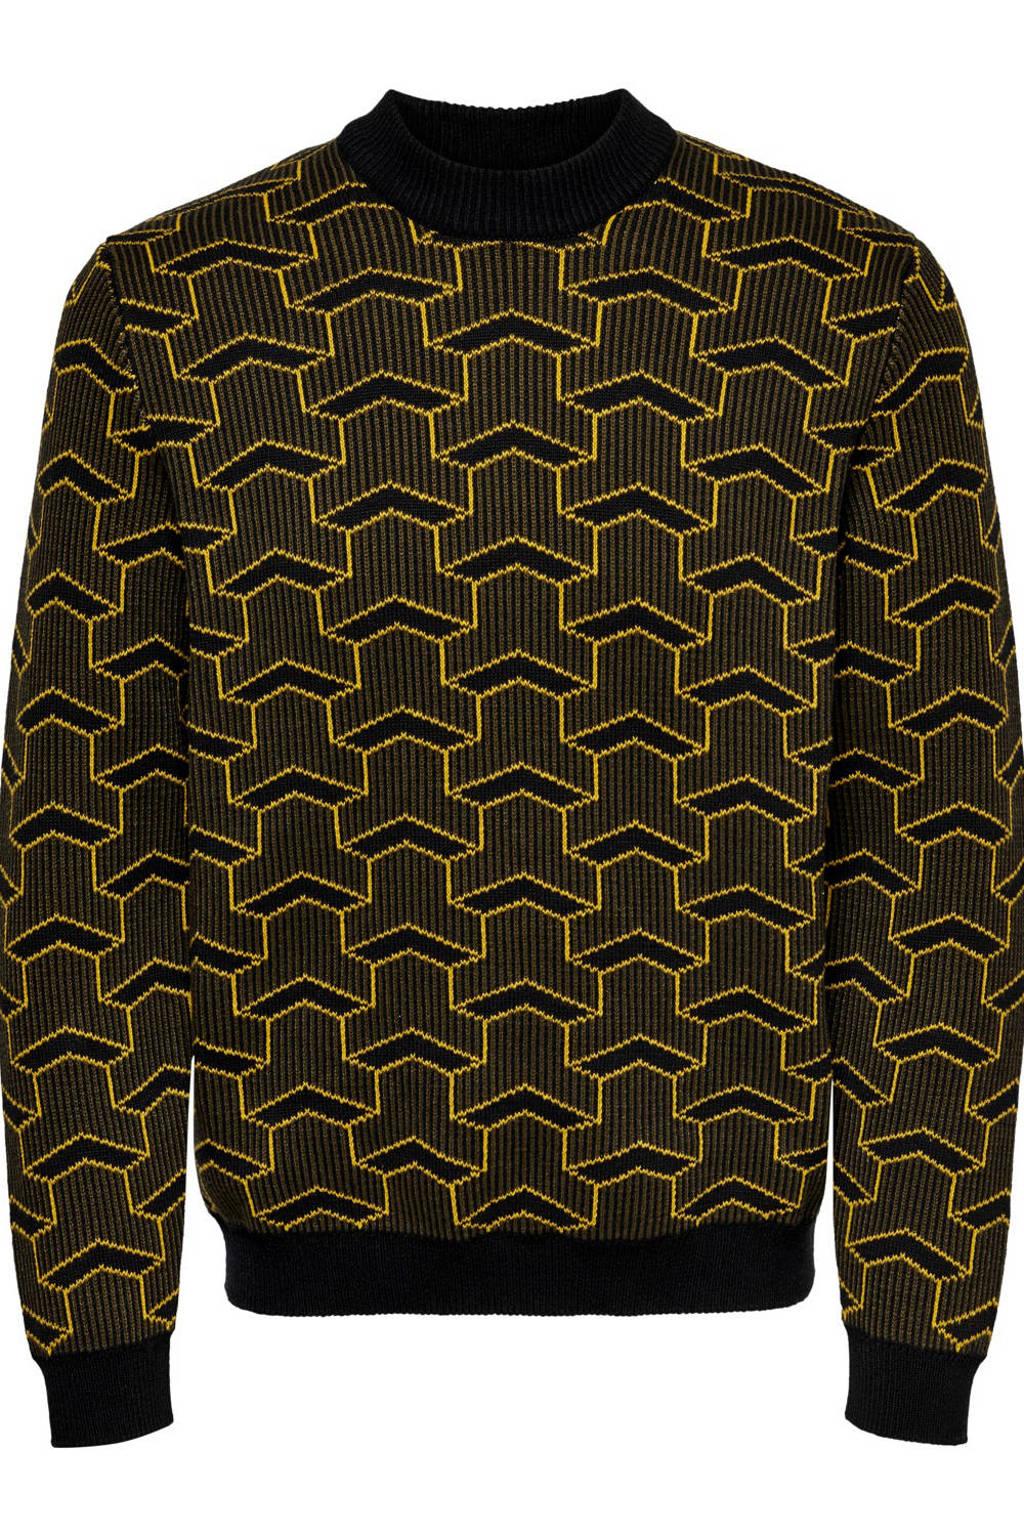 ONLY & SONS trui met all over print zwart, Zwart